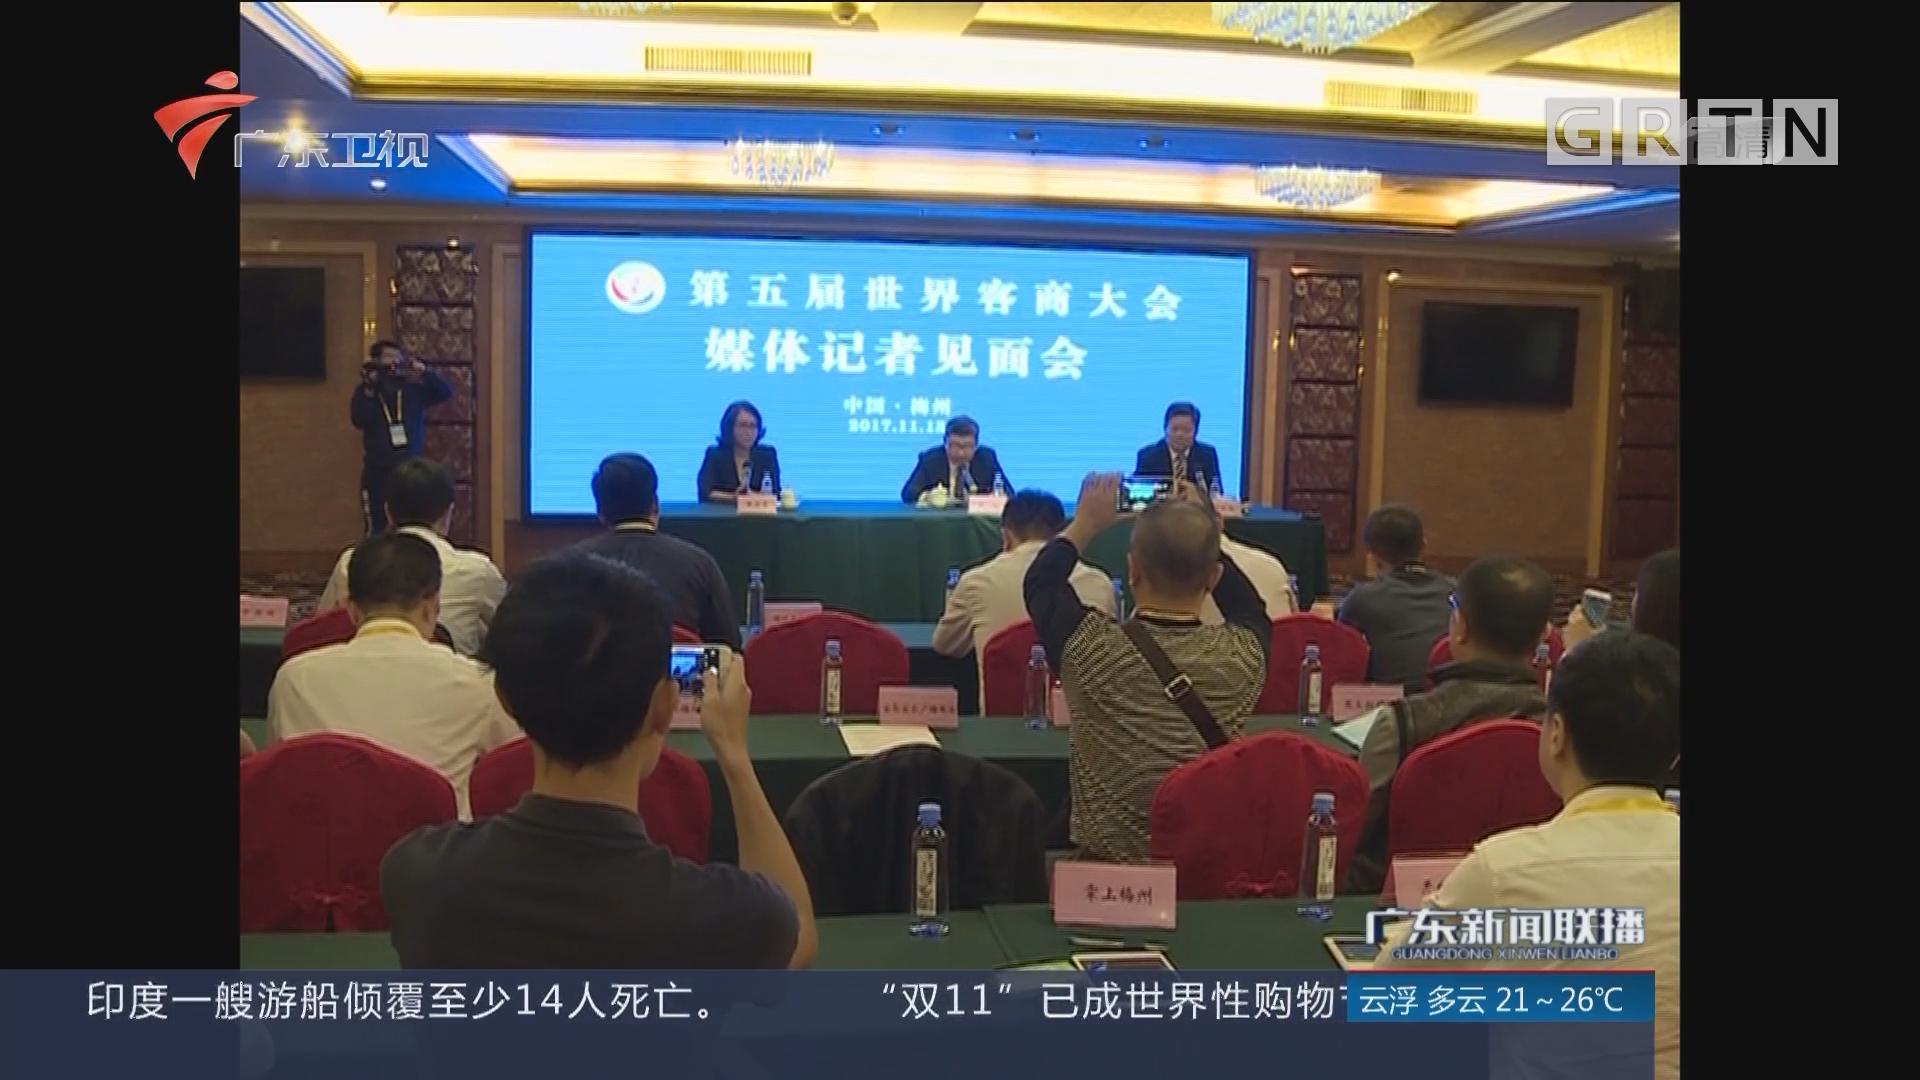 第五届世界客商大会11月13日至15日在梅州举行